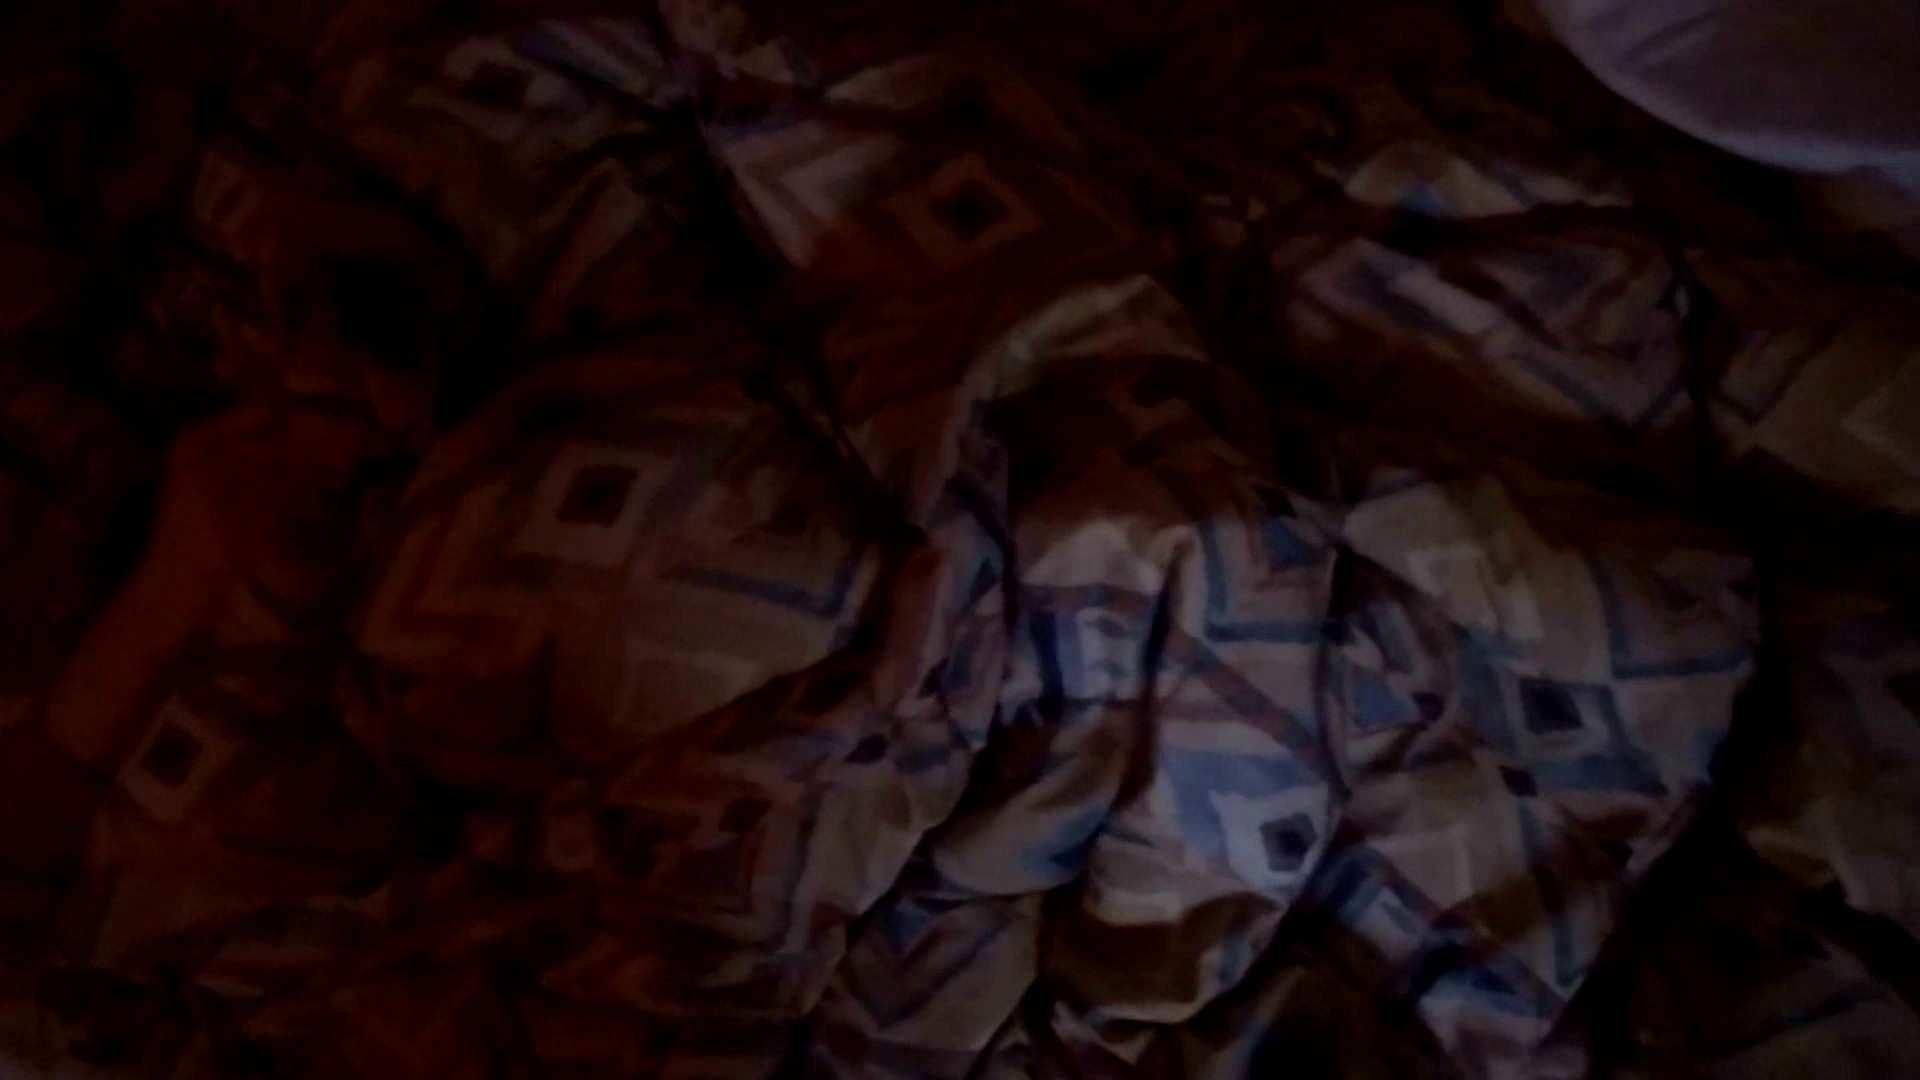 魔術師の お・も・て・な・し vol.31 現役女子大生にスリプル 女子大生 盗撮おまんこ無修正動画無料 108画像 5